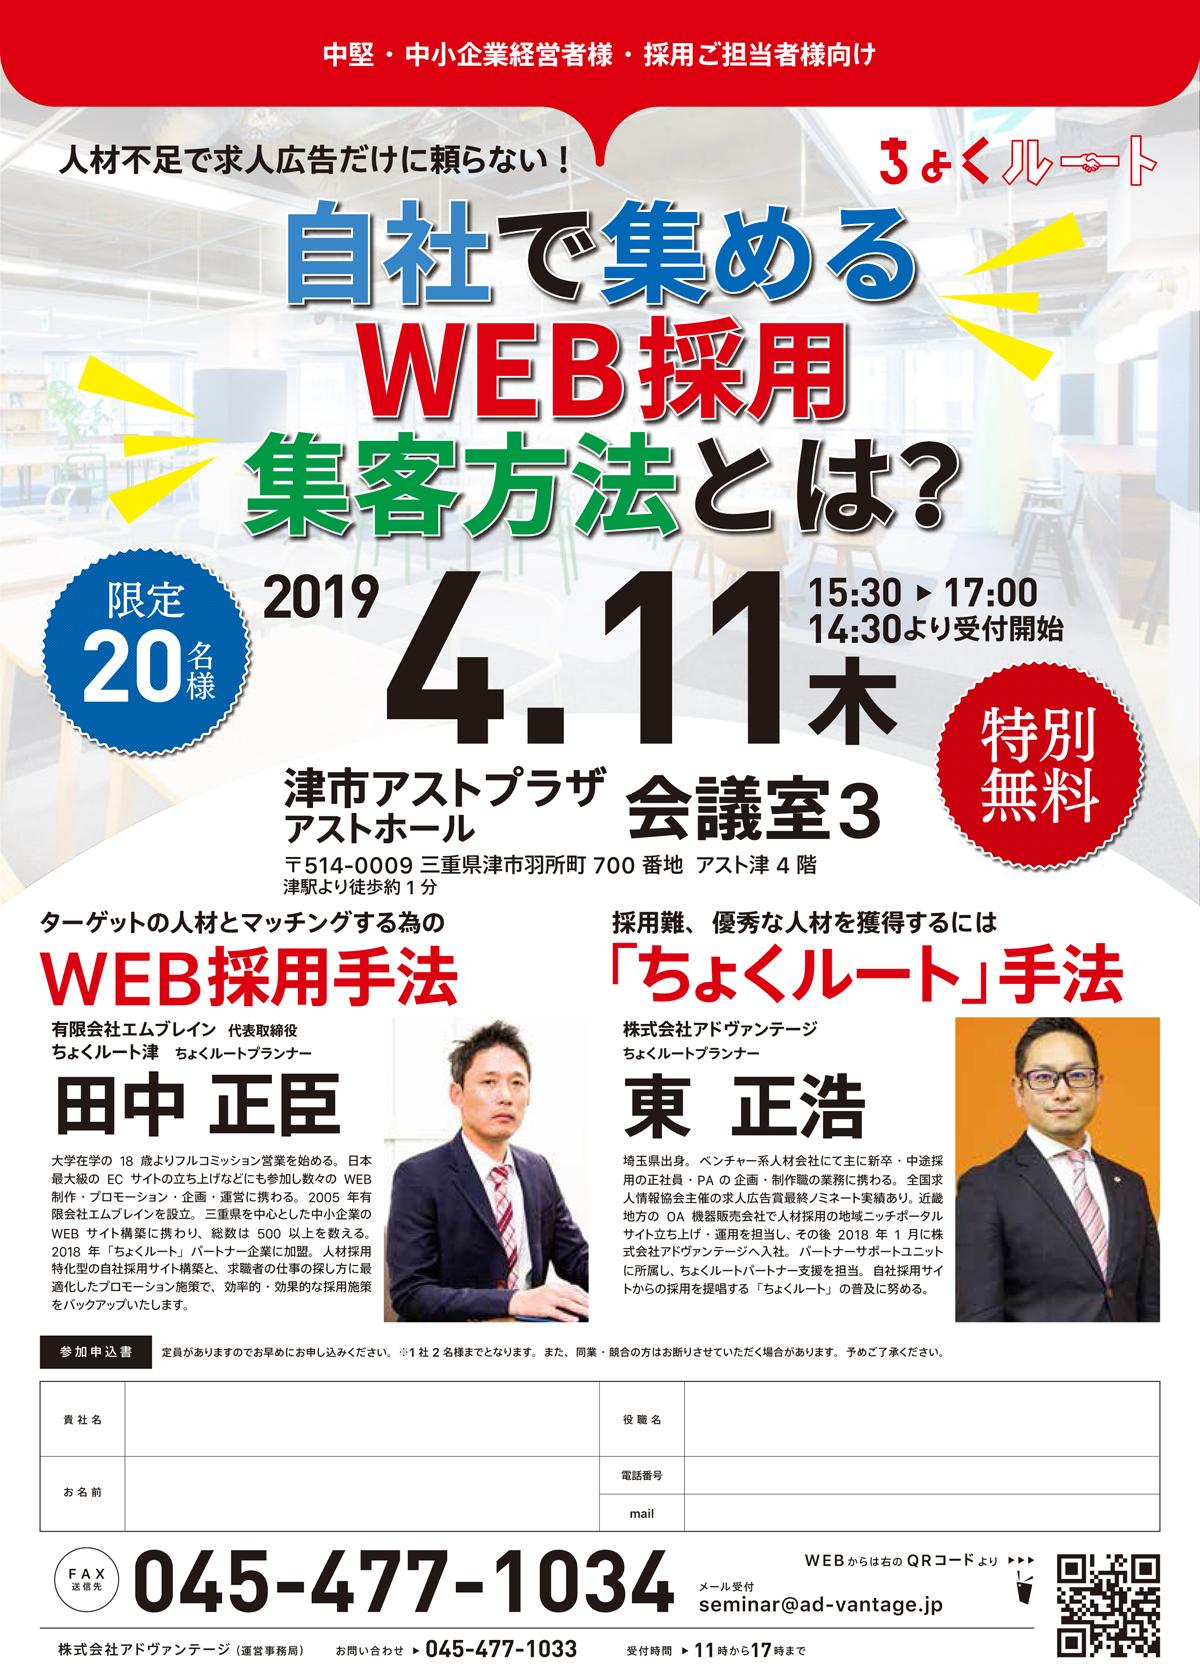 津【2019/4/11】人材不足で求人広告だけに頼らない!自社で集めるWEB採用・集客方法とは?